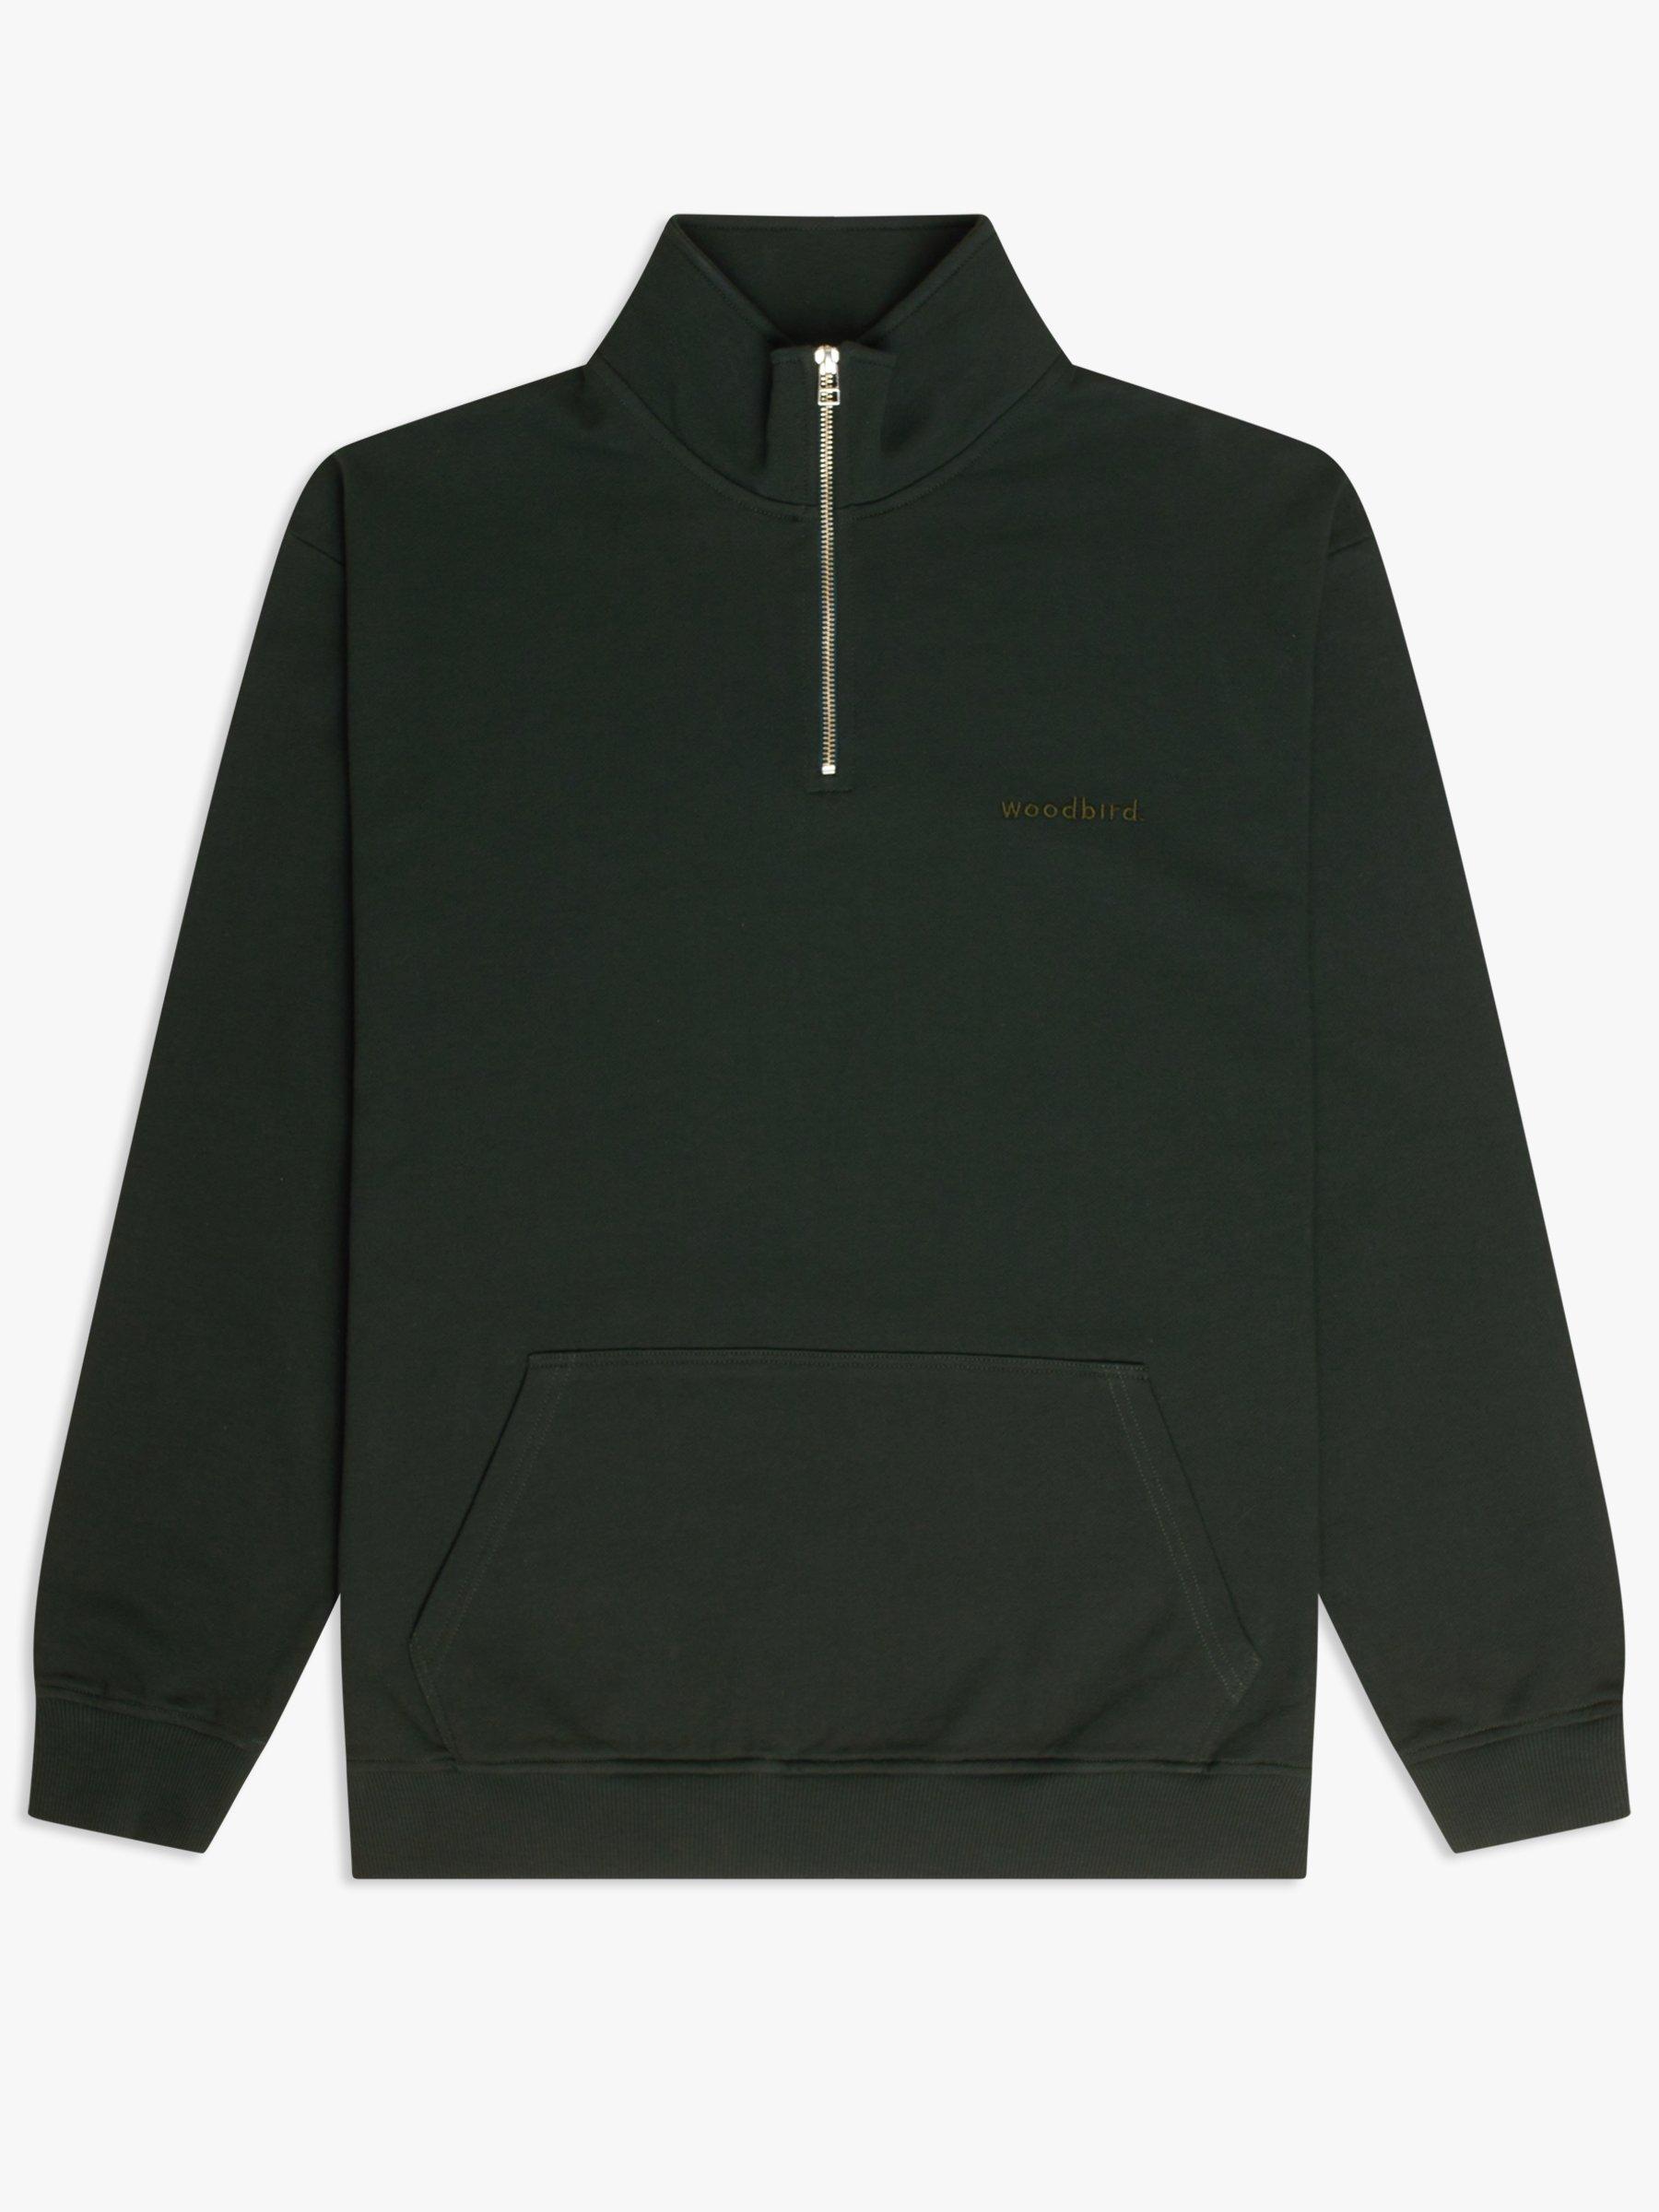 Woodbird Lass Base half-zip sweatshirt